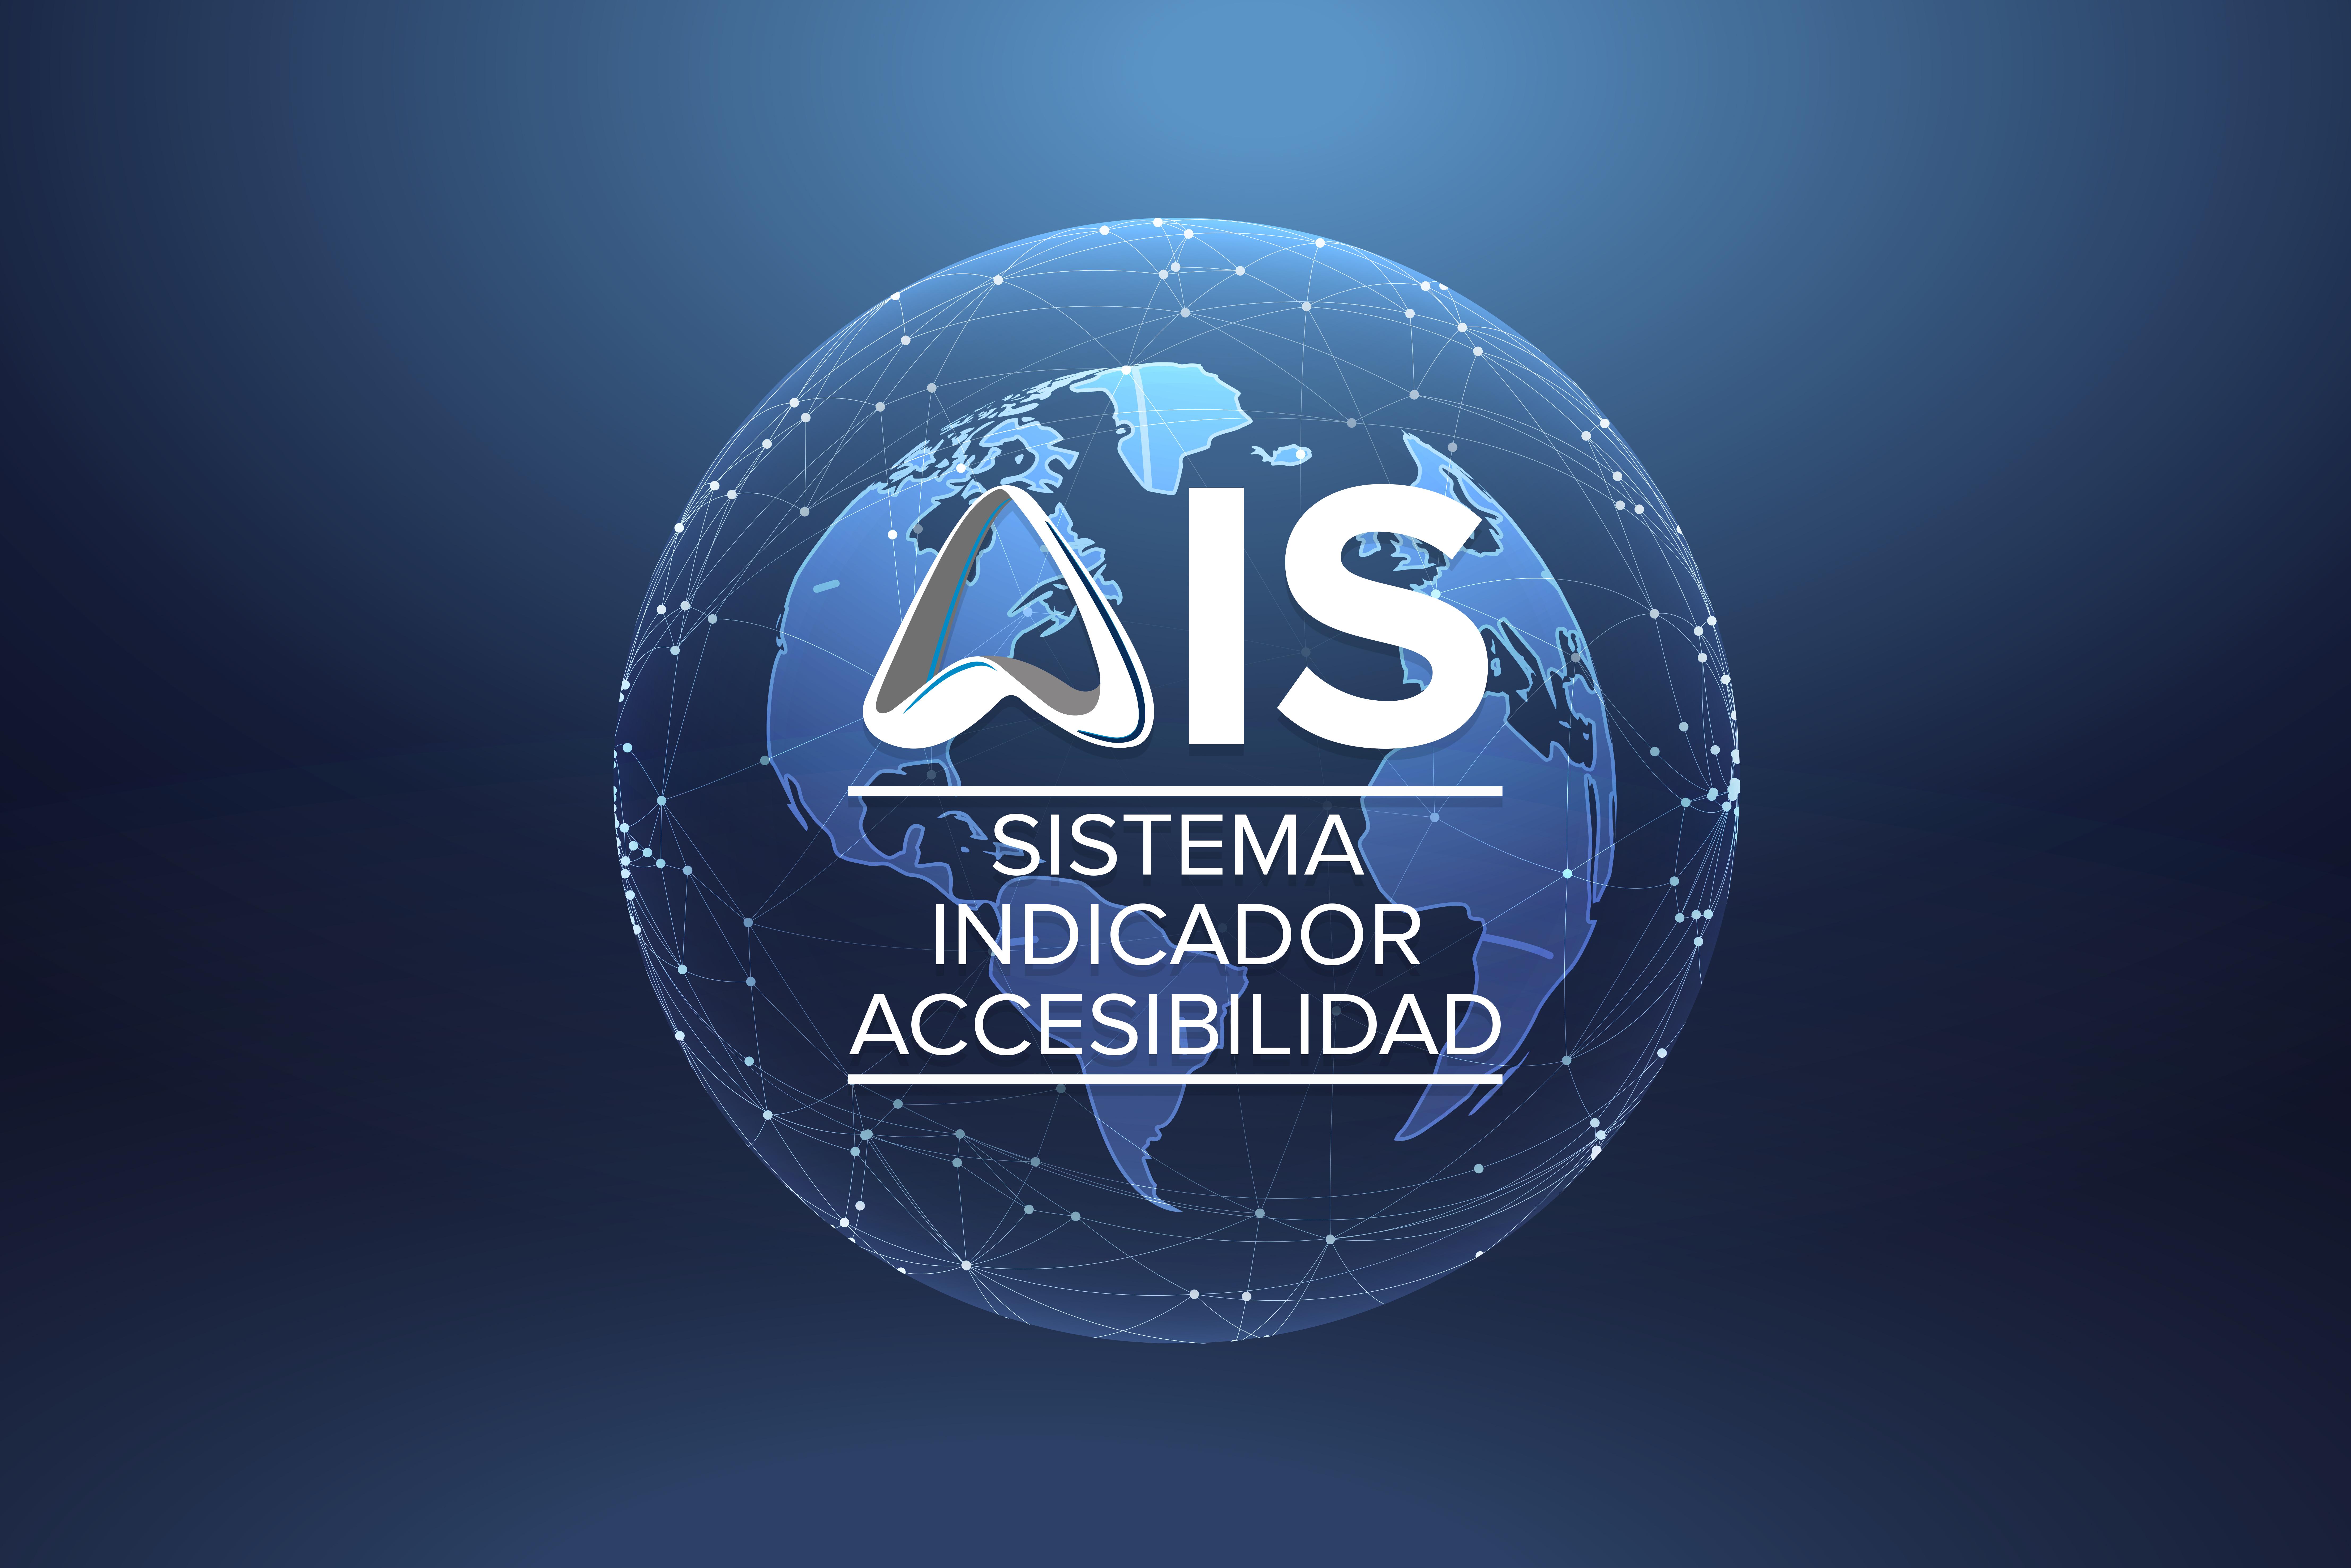 Bola del mundo con el logo de AIS